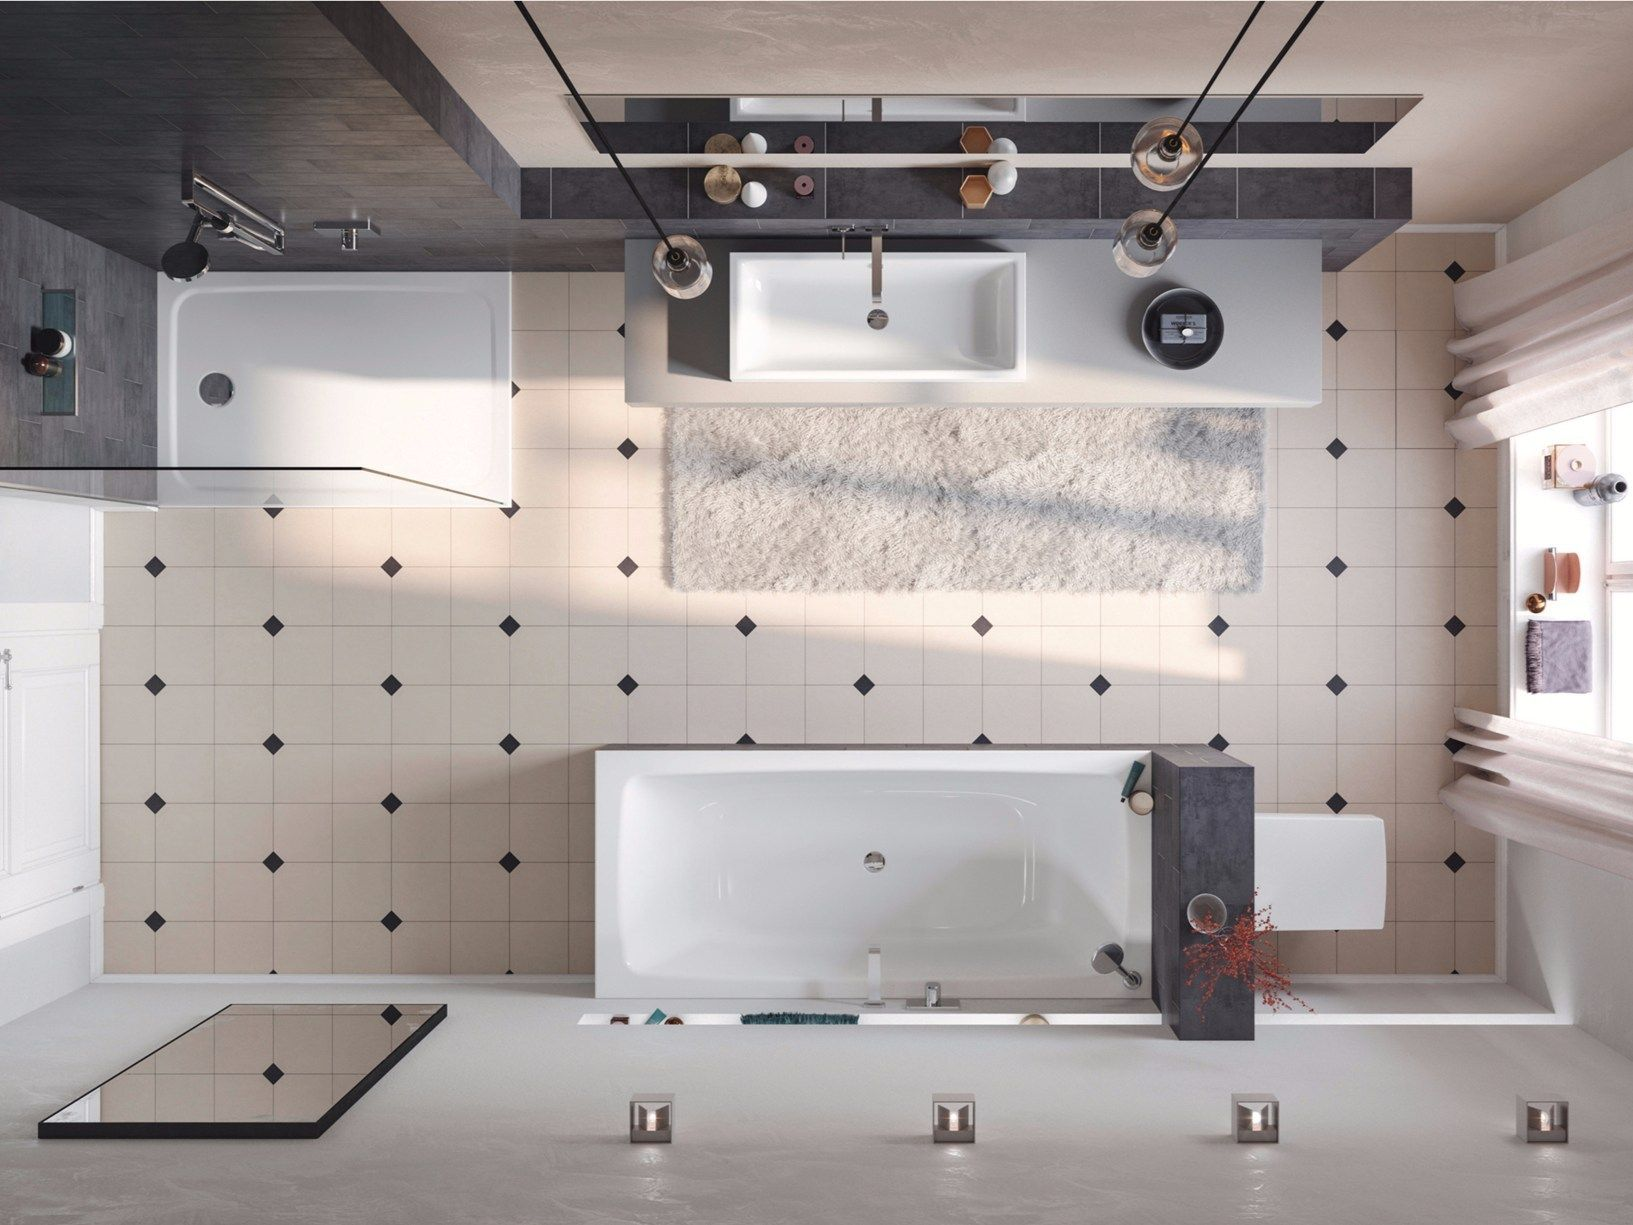 Vasca Da Bagno Kaldewei Dimensioni : Kaldewei per le ristrutturazioni: design a costi contenuti